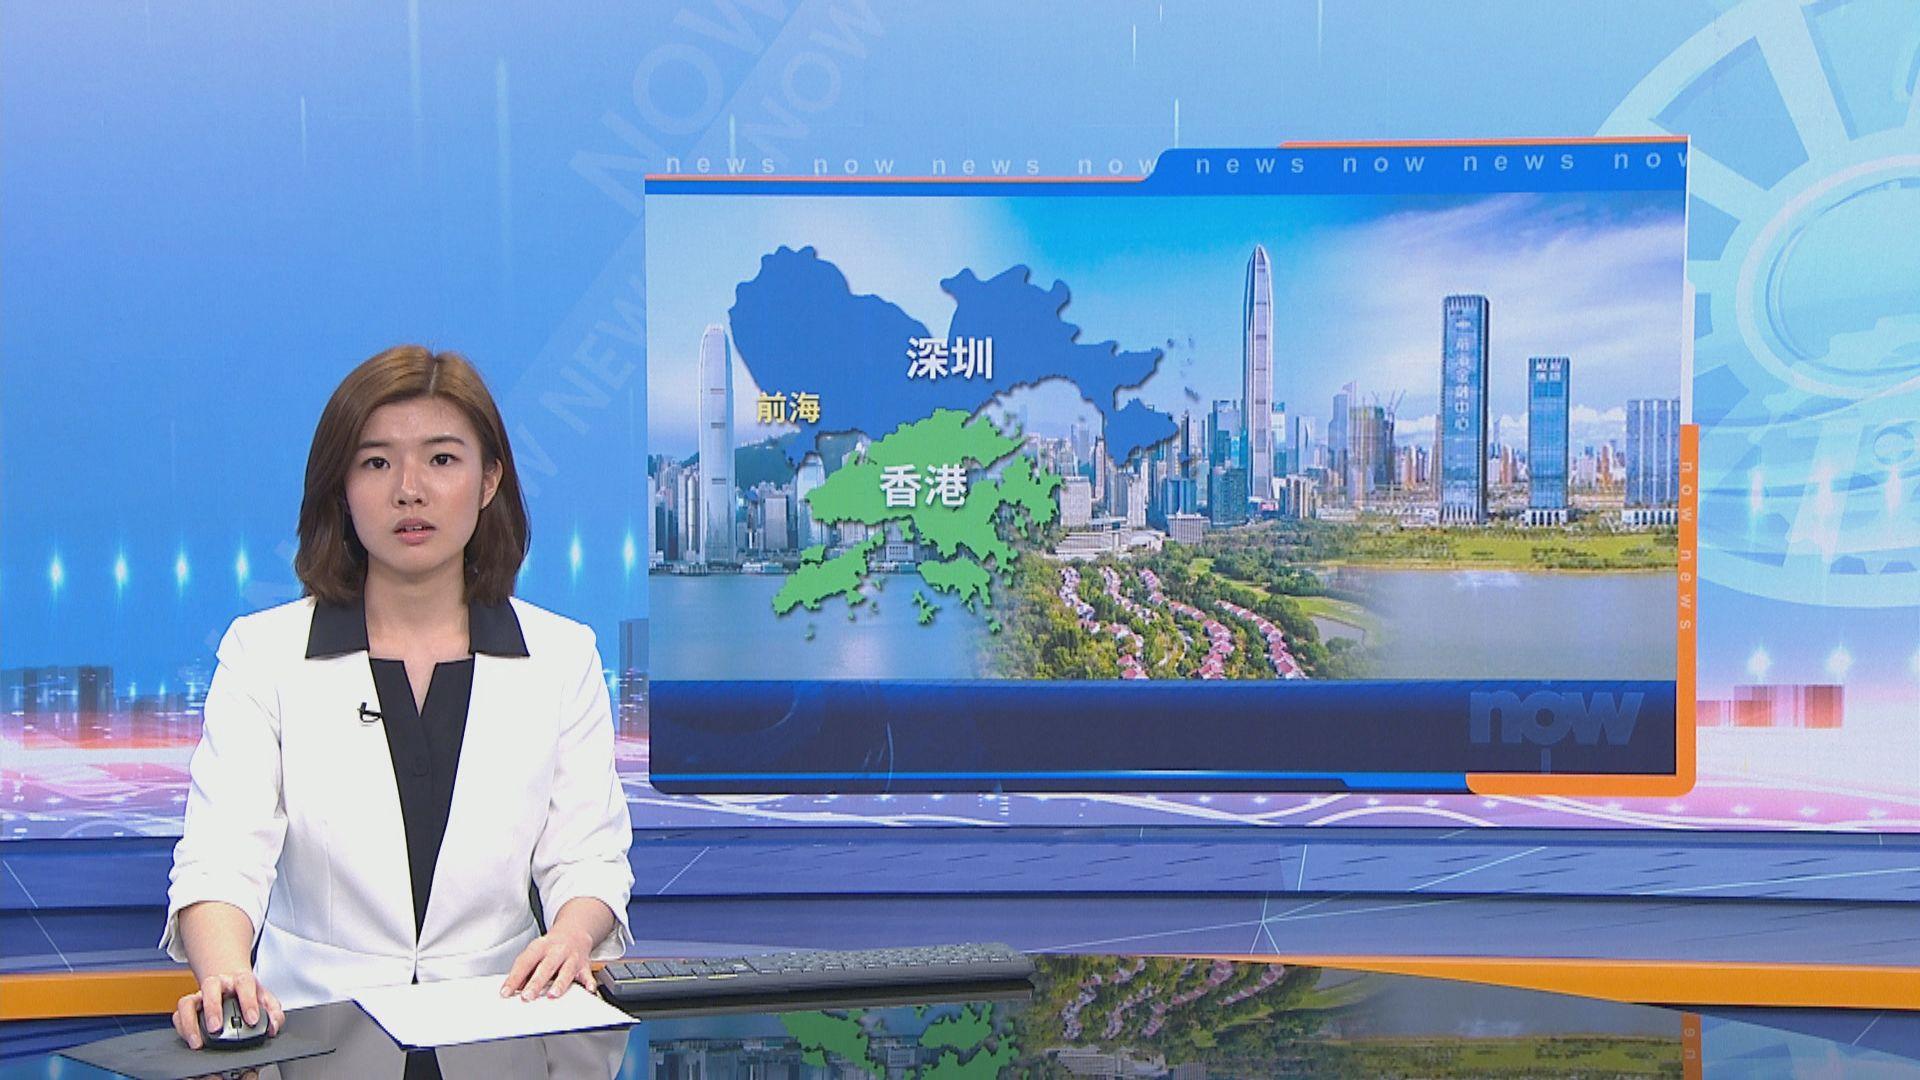 林鄭月娥:前海合作區為香港帶來更大腹地發展